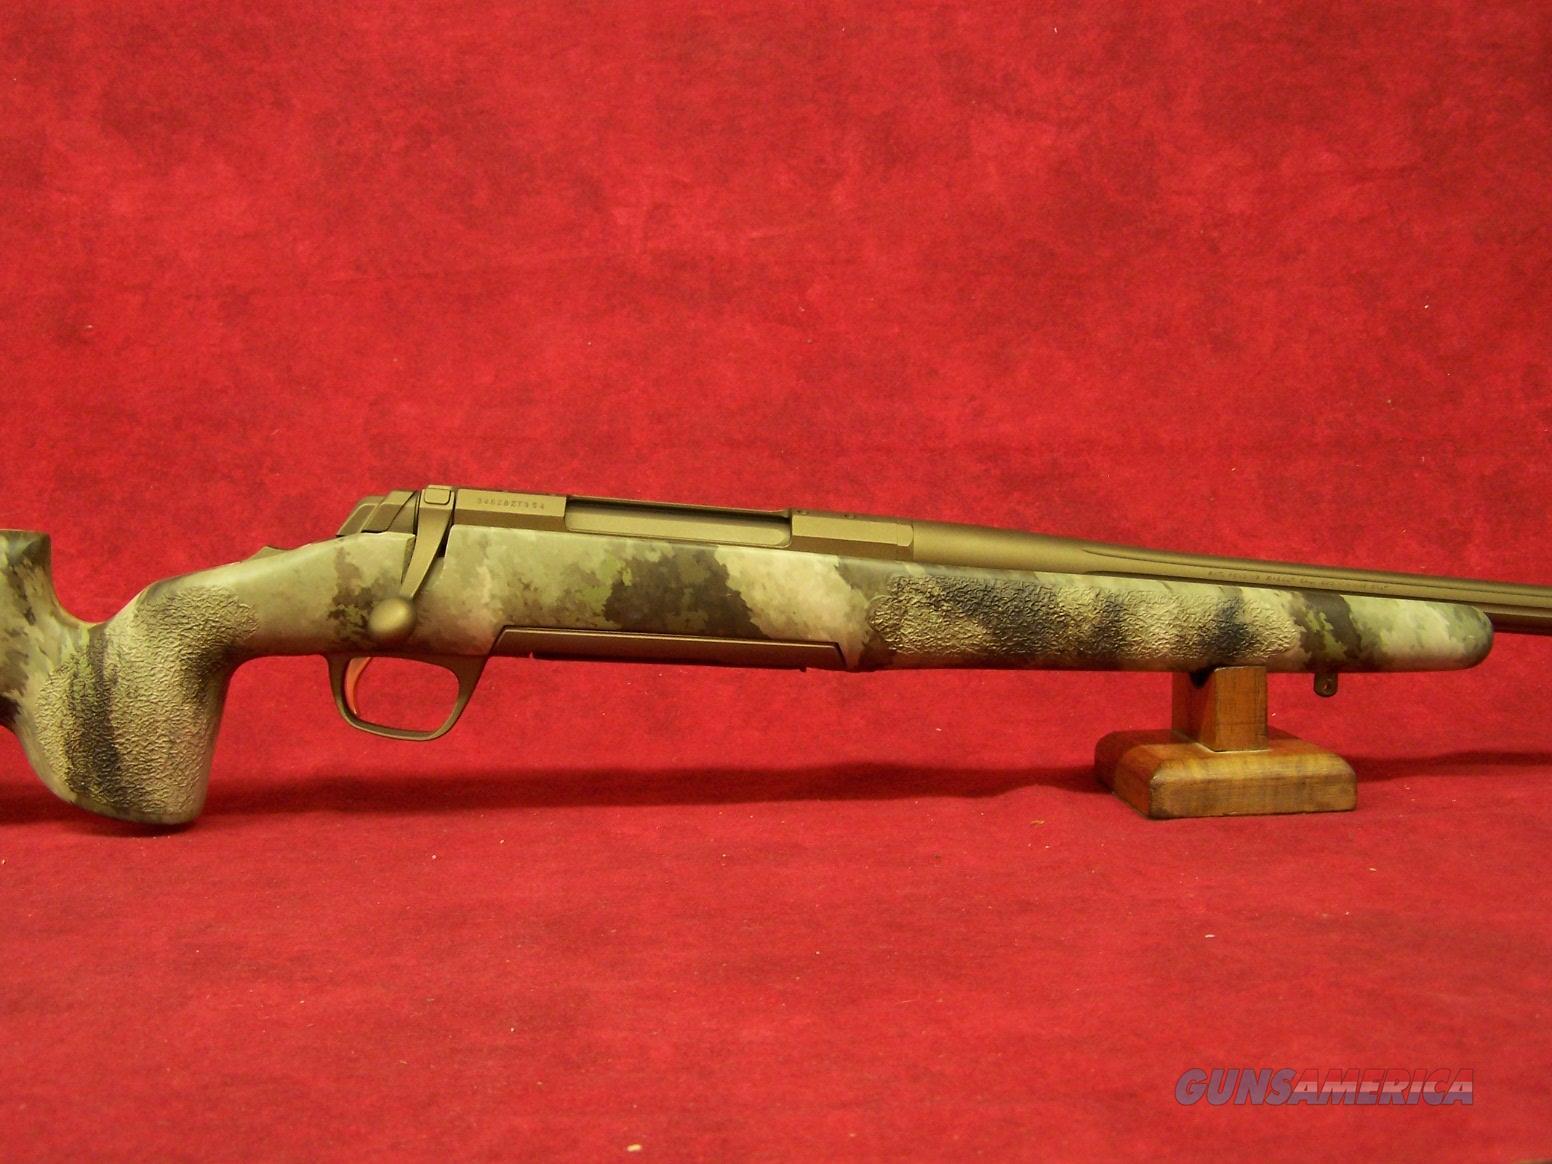 """Brownign X-Bolt Hell's Canyon Long Range McMillan 300 Win Mag 26"""" Barrel (035395229)  Guns > Rifles > Browning Rifles > Bolt Action > Hunting > Blue"""